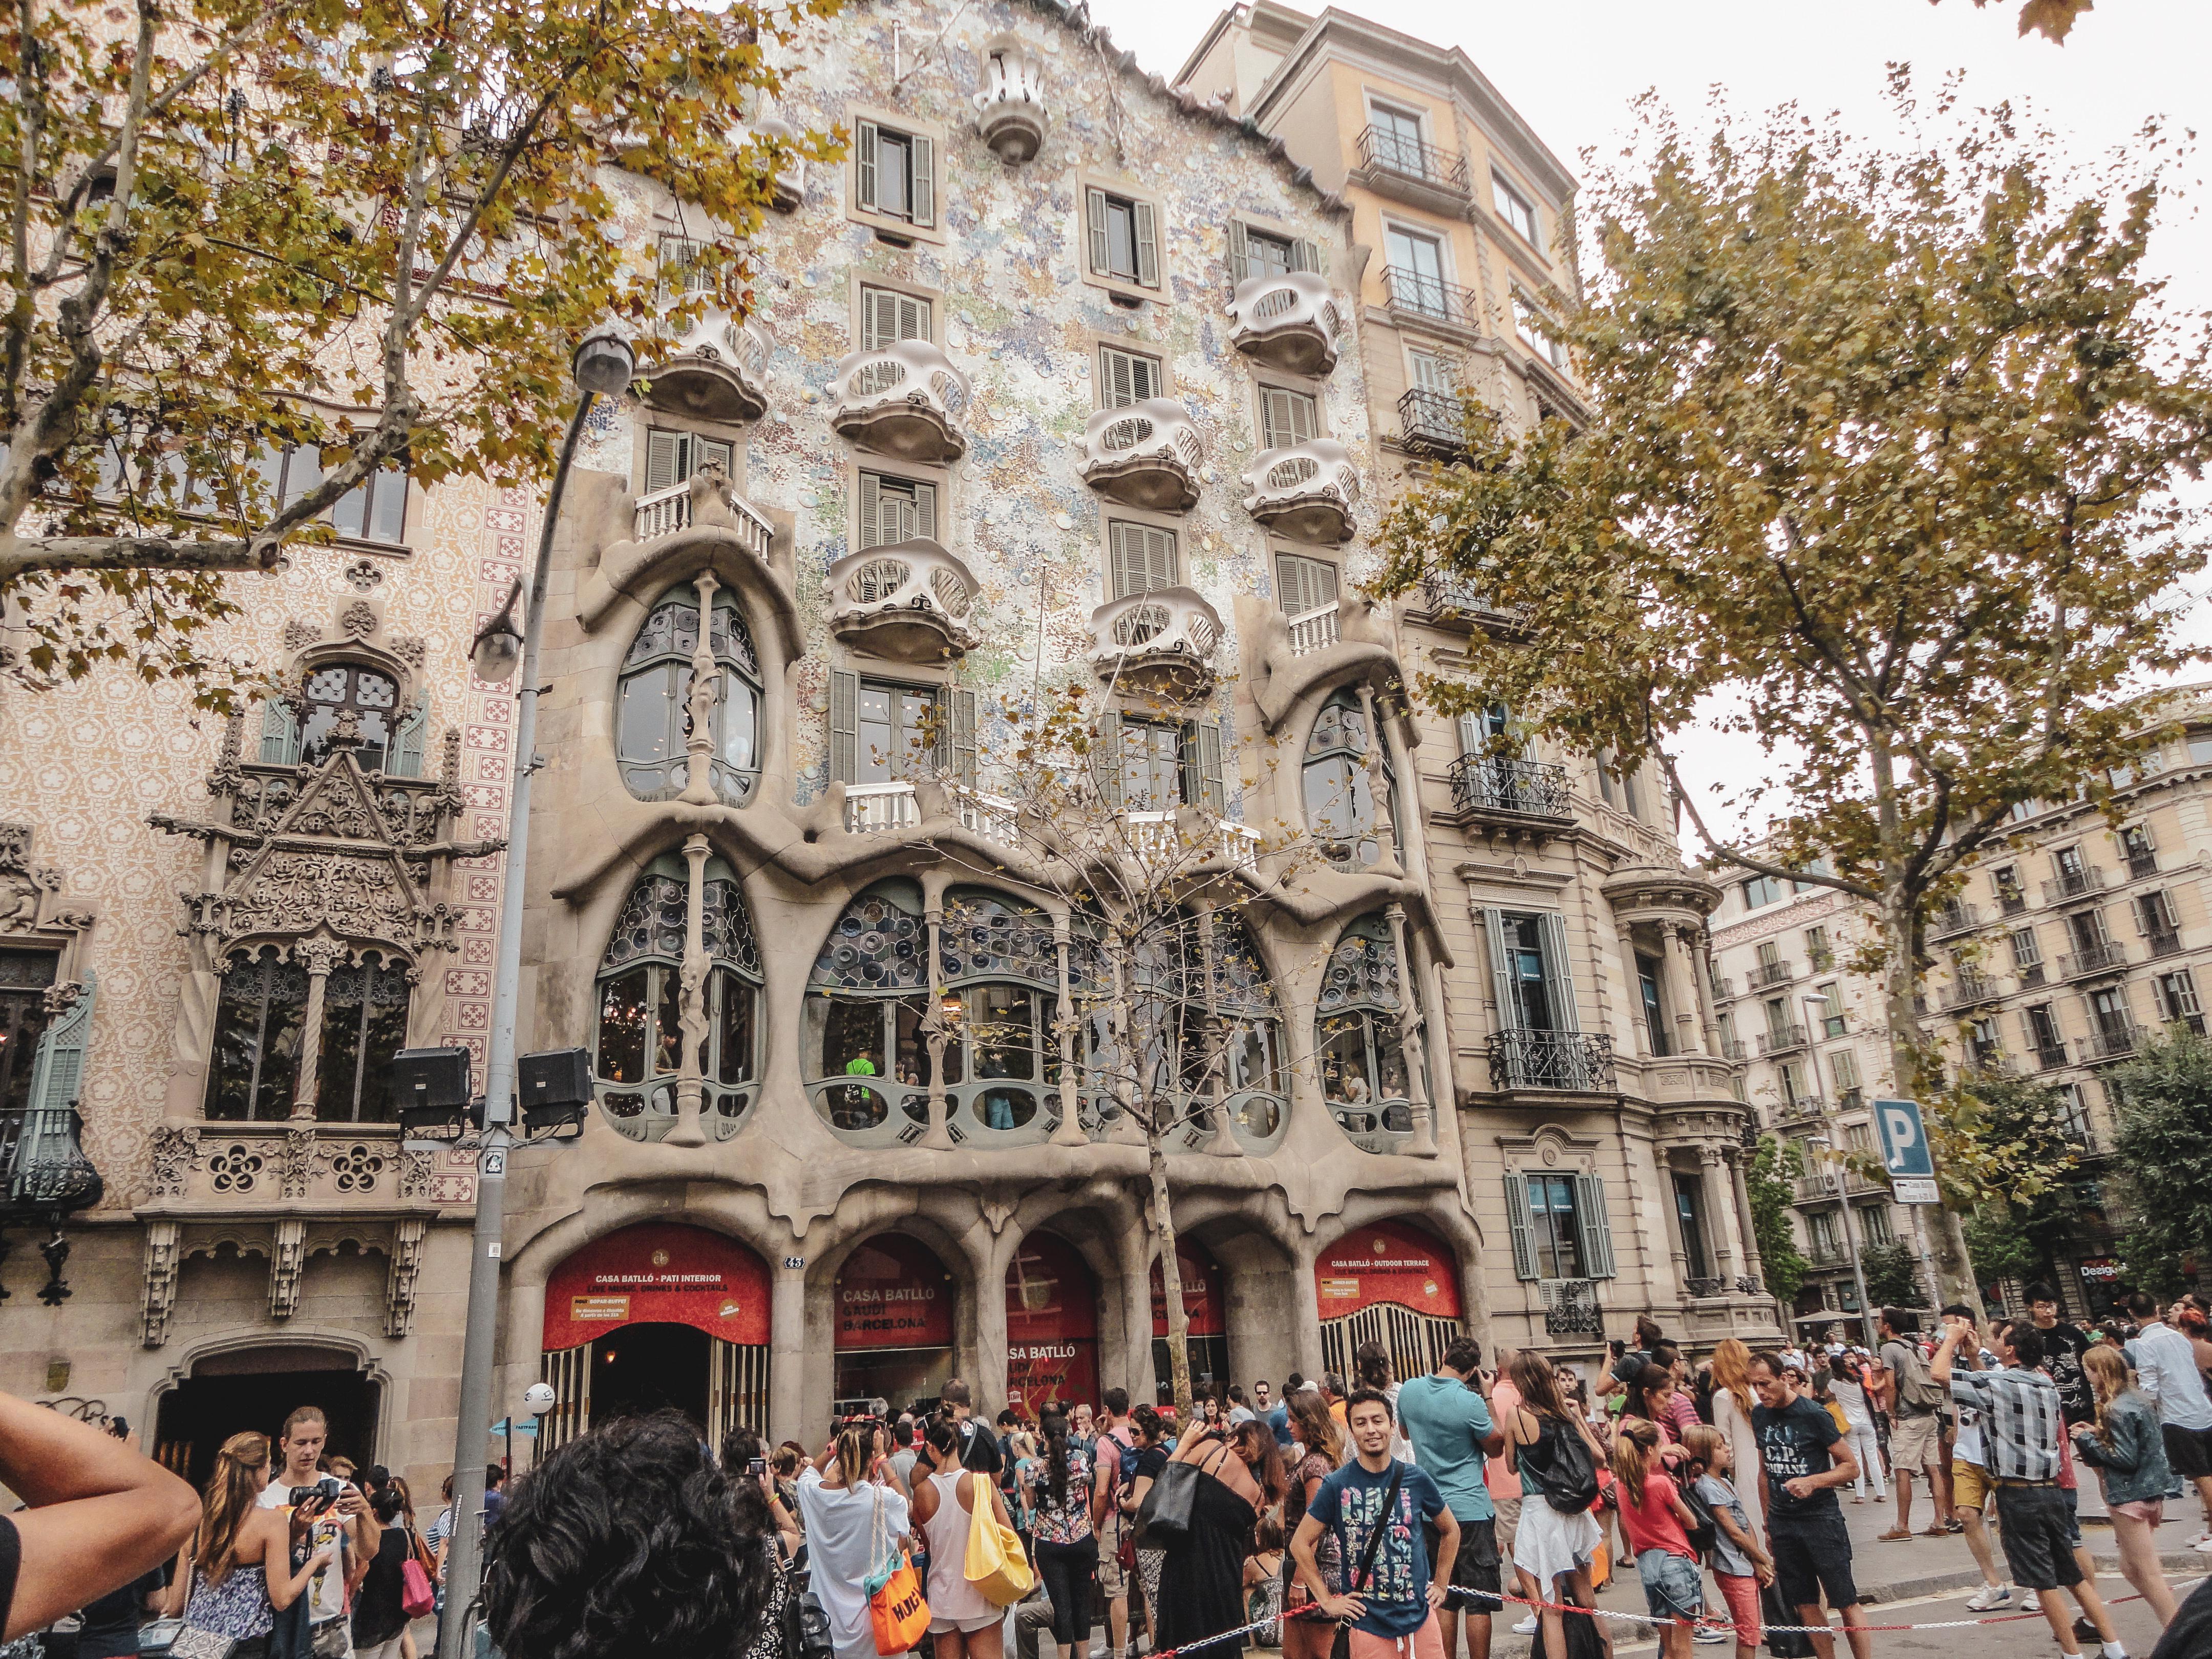 Oeuvre gaudi à Barcelone